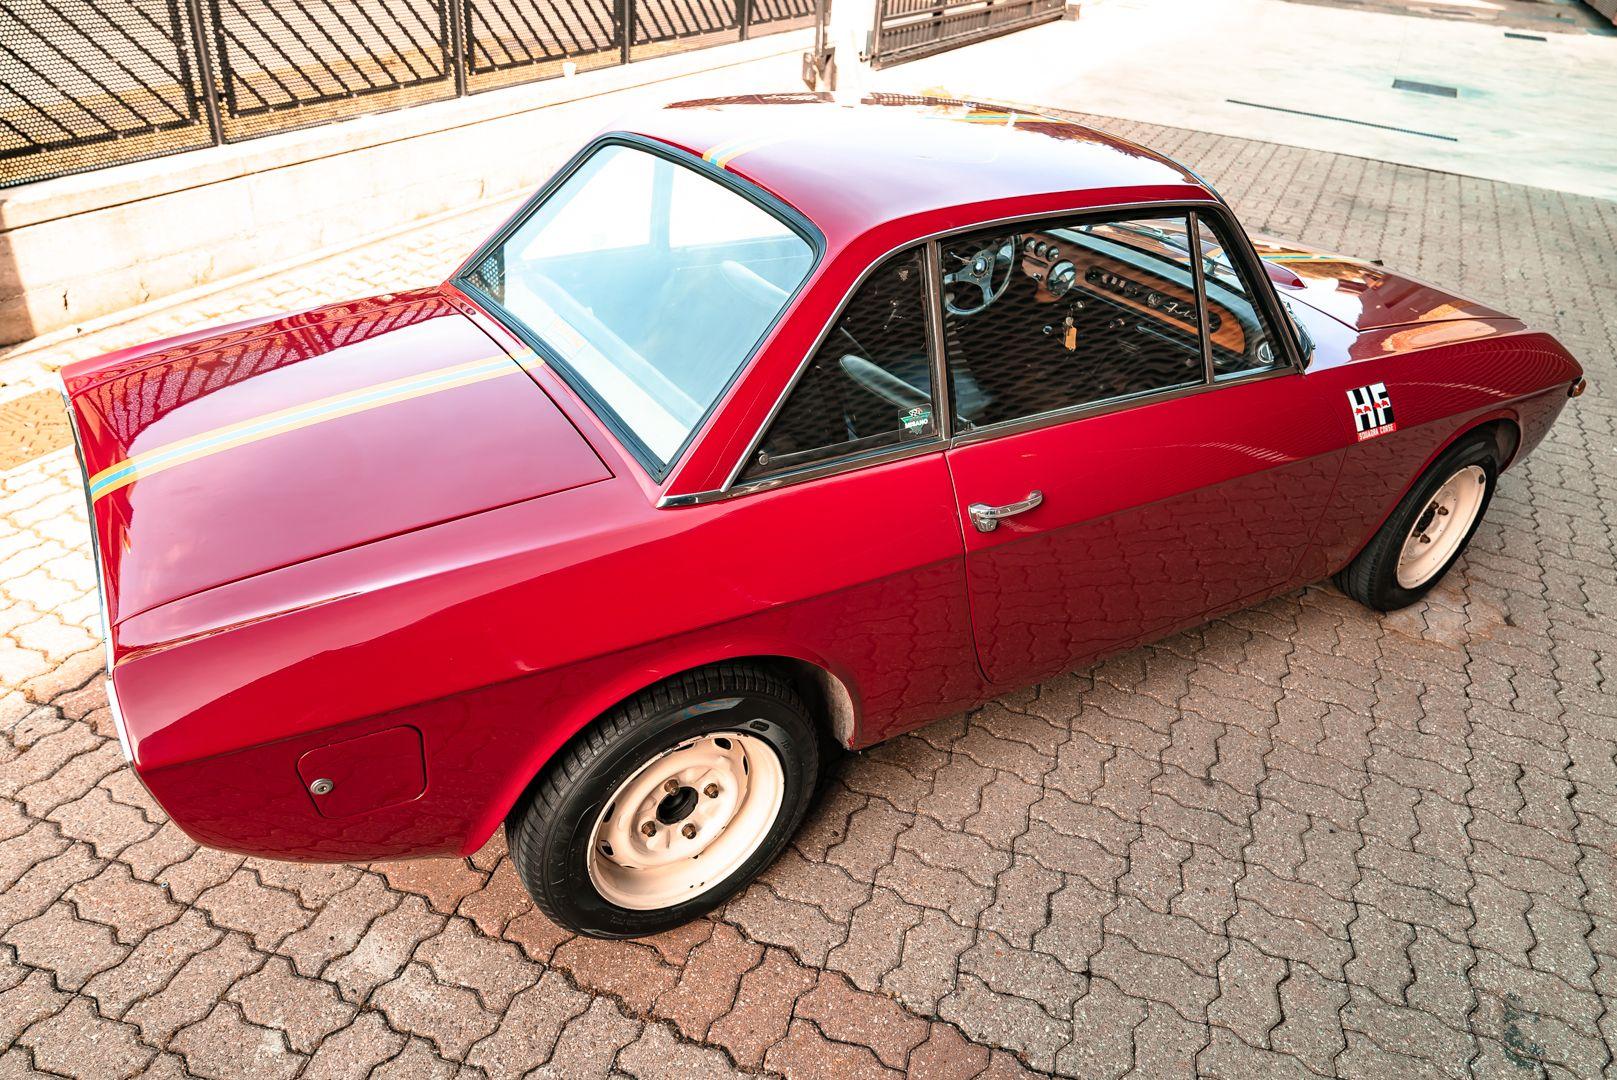 1968 Lancia Fulvia HF 1300 Rally 70673